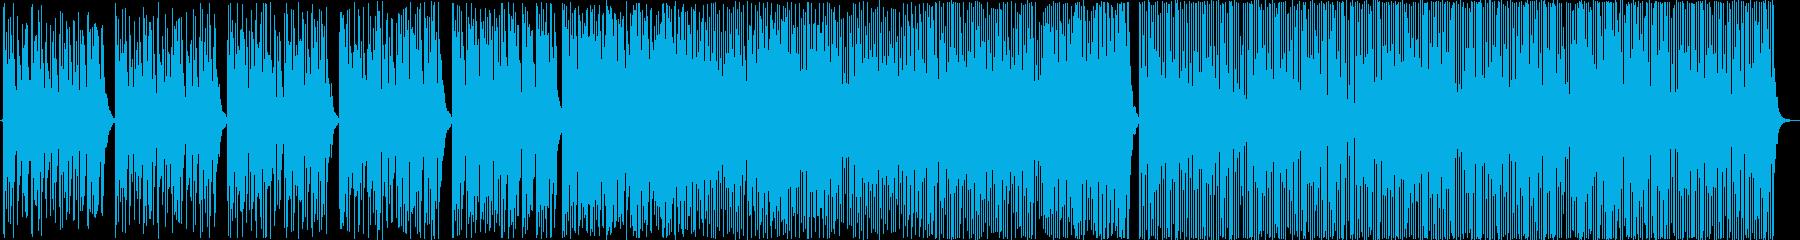 イージーリスニング 静か 楽しげ ...の再生済みの波形